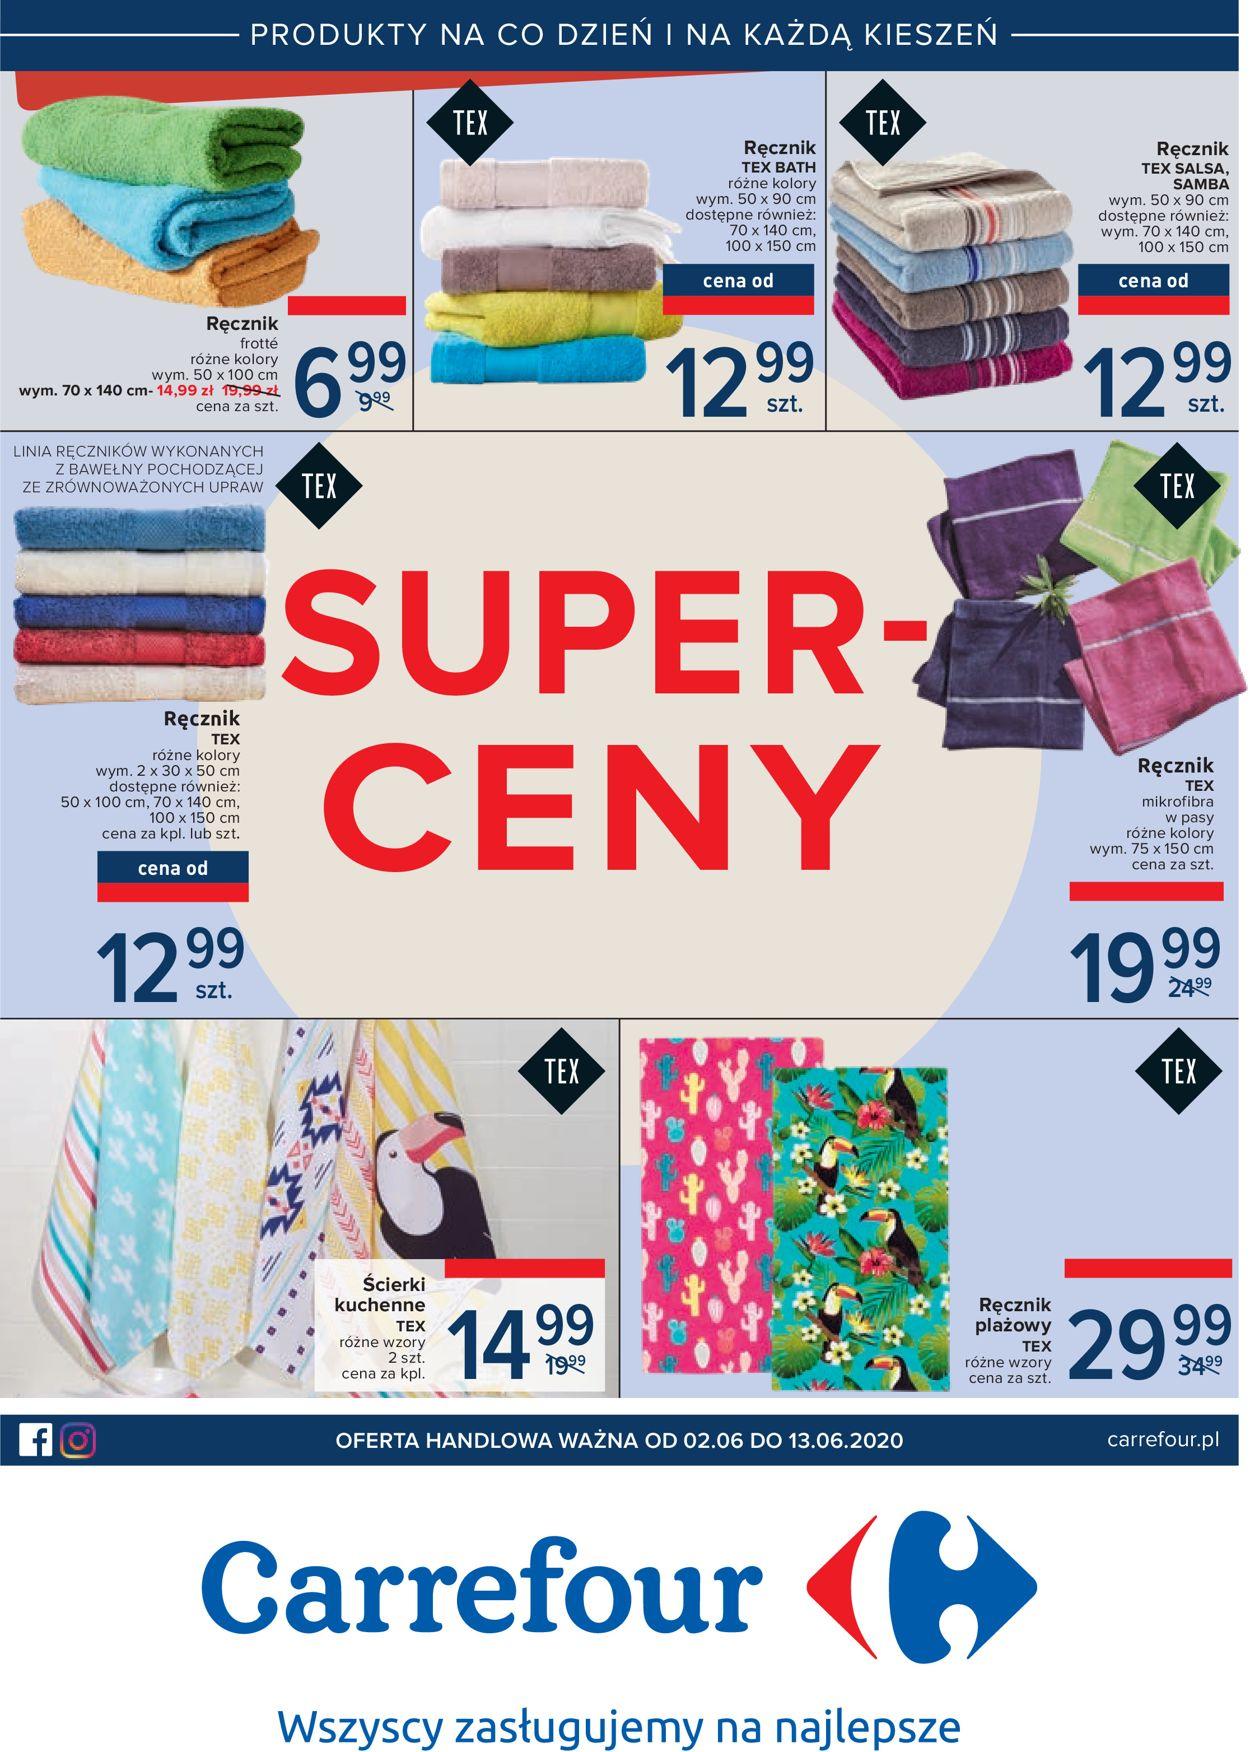 Gazetka promocyjna Carrefour - 02.06-13.06.2020